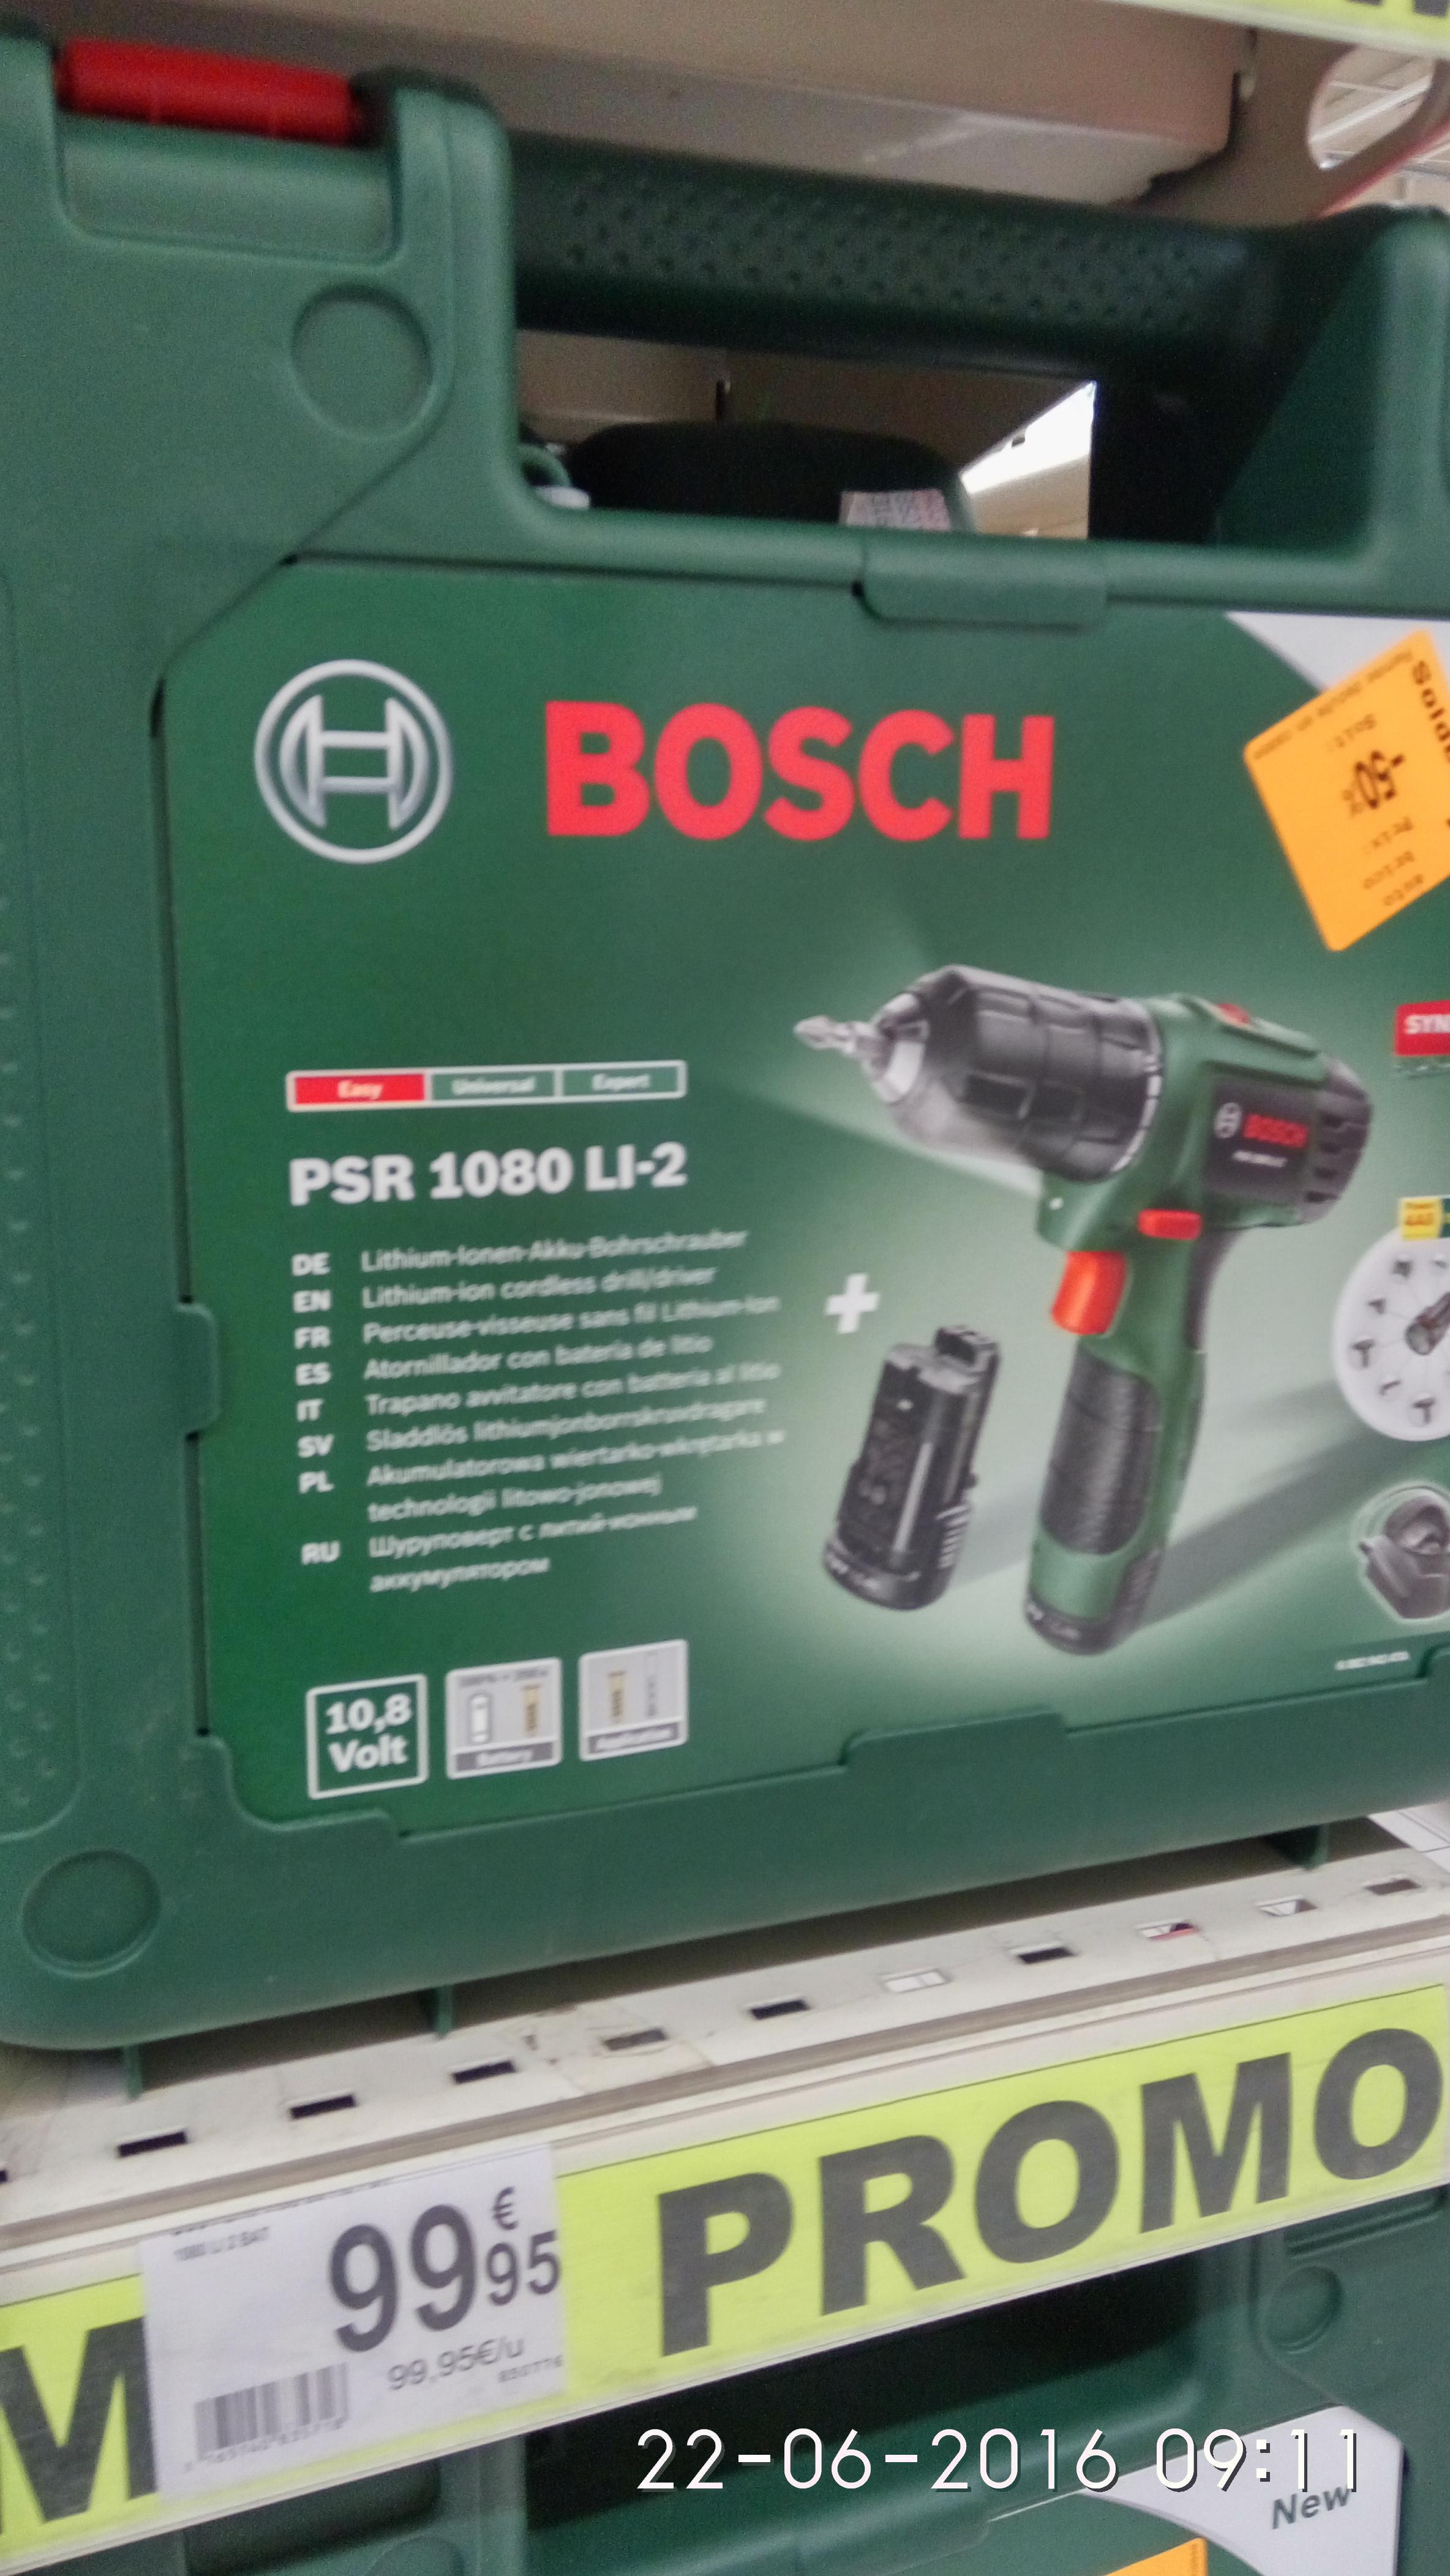 Sélection de produits Bosch en promotion - Ex : perceuse-visseuse Bosch PSR 1080 LI-2